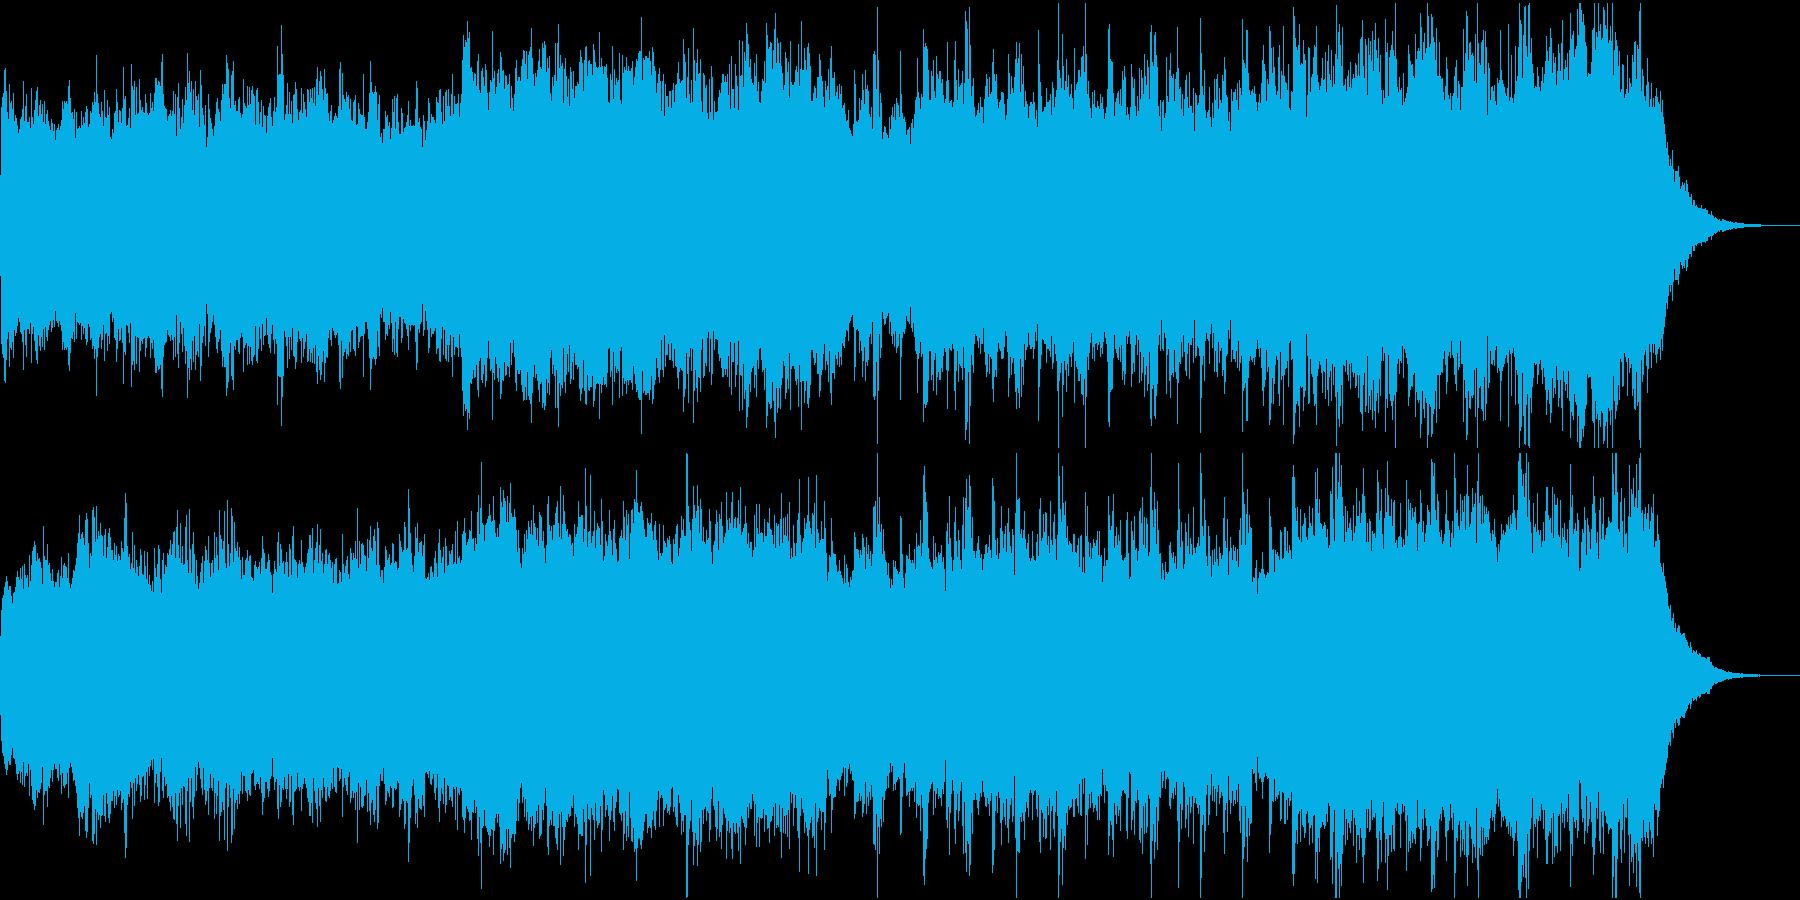 神秘的で不思議な世界を表現した曲の再生済みの波形